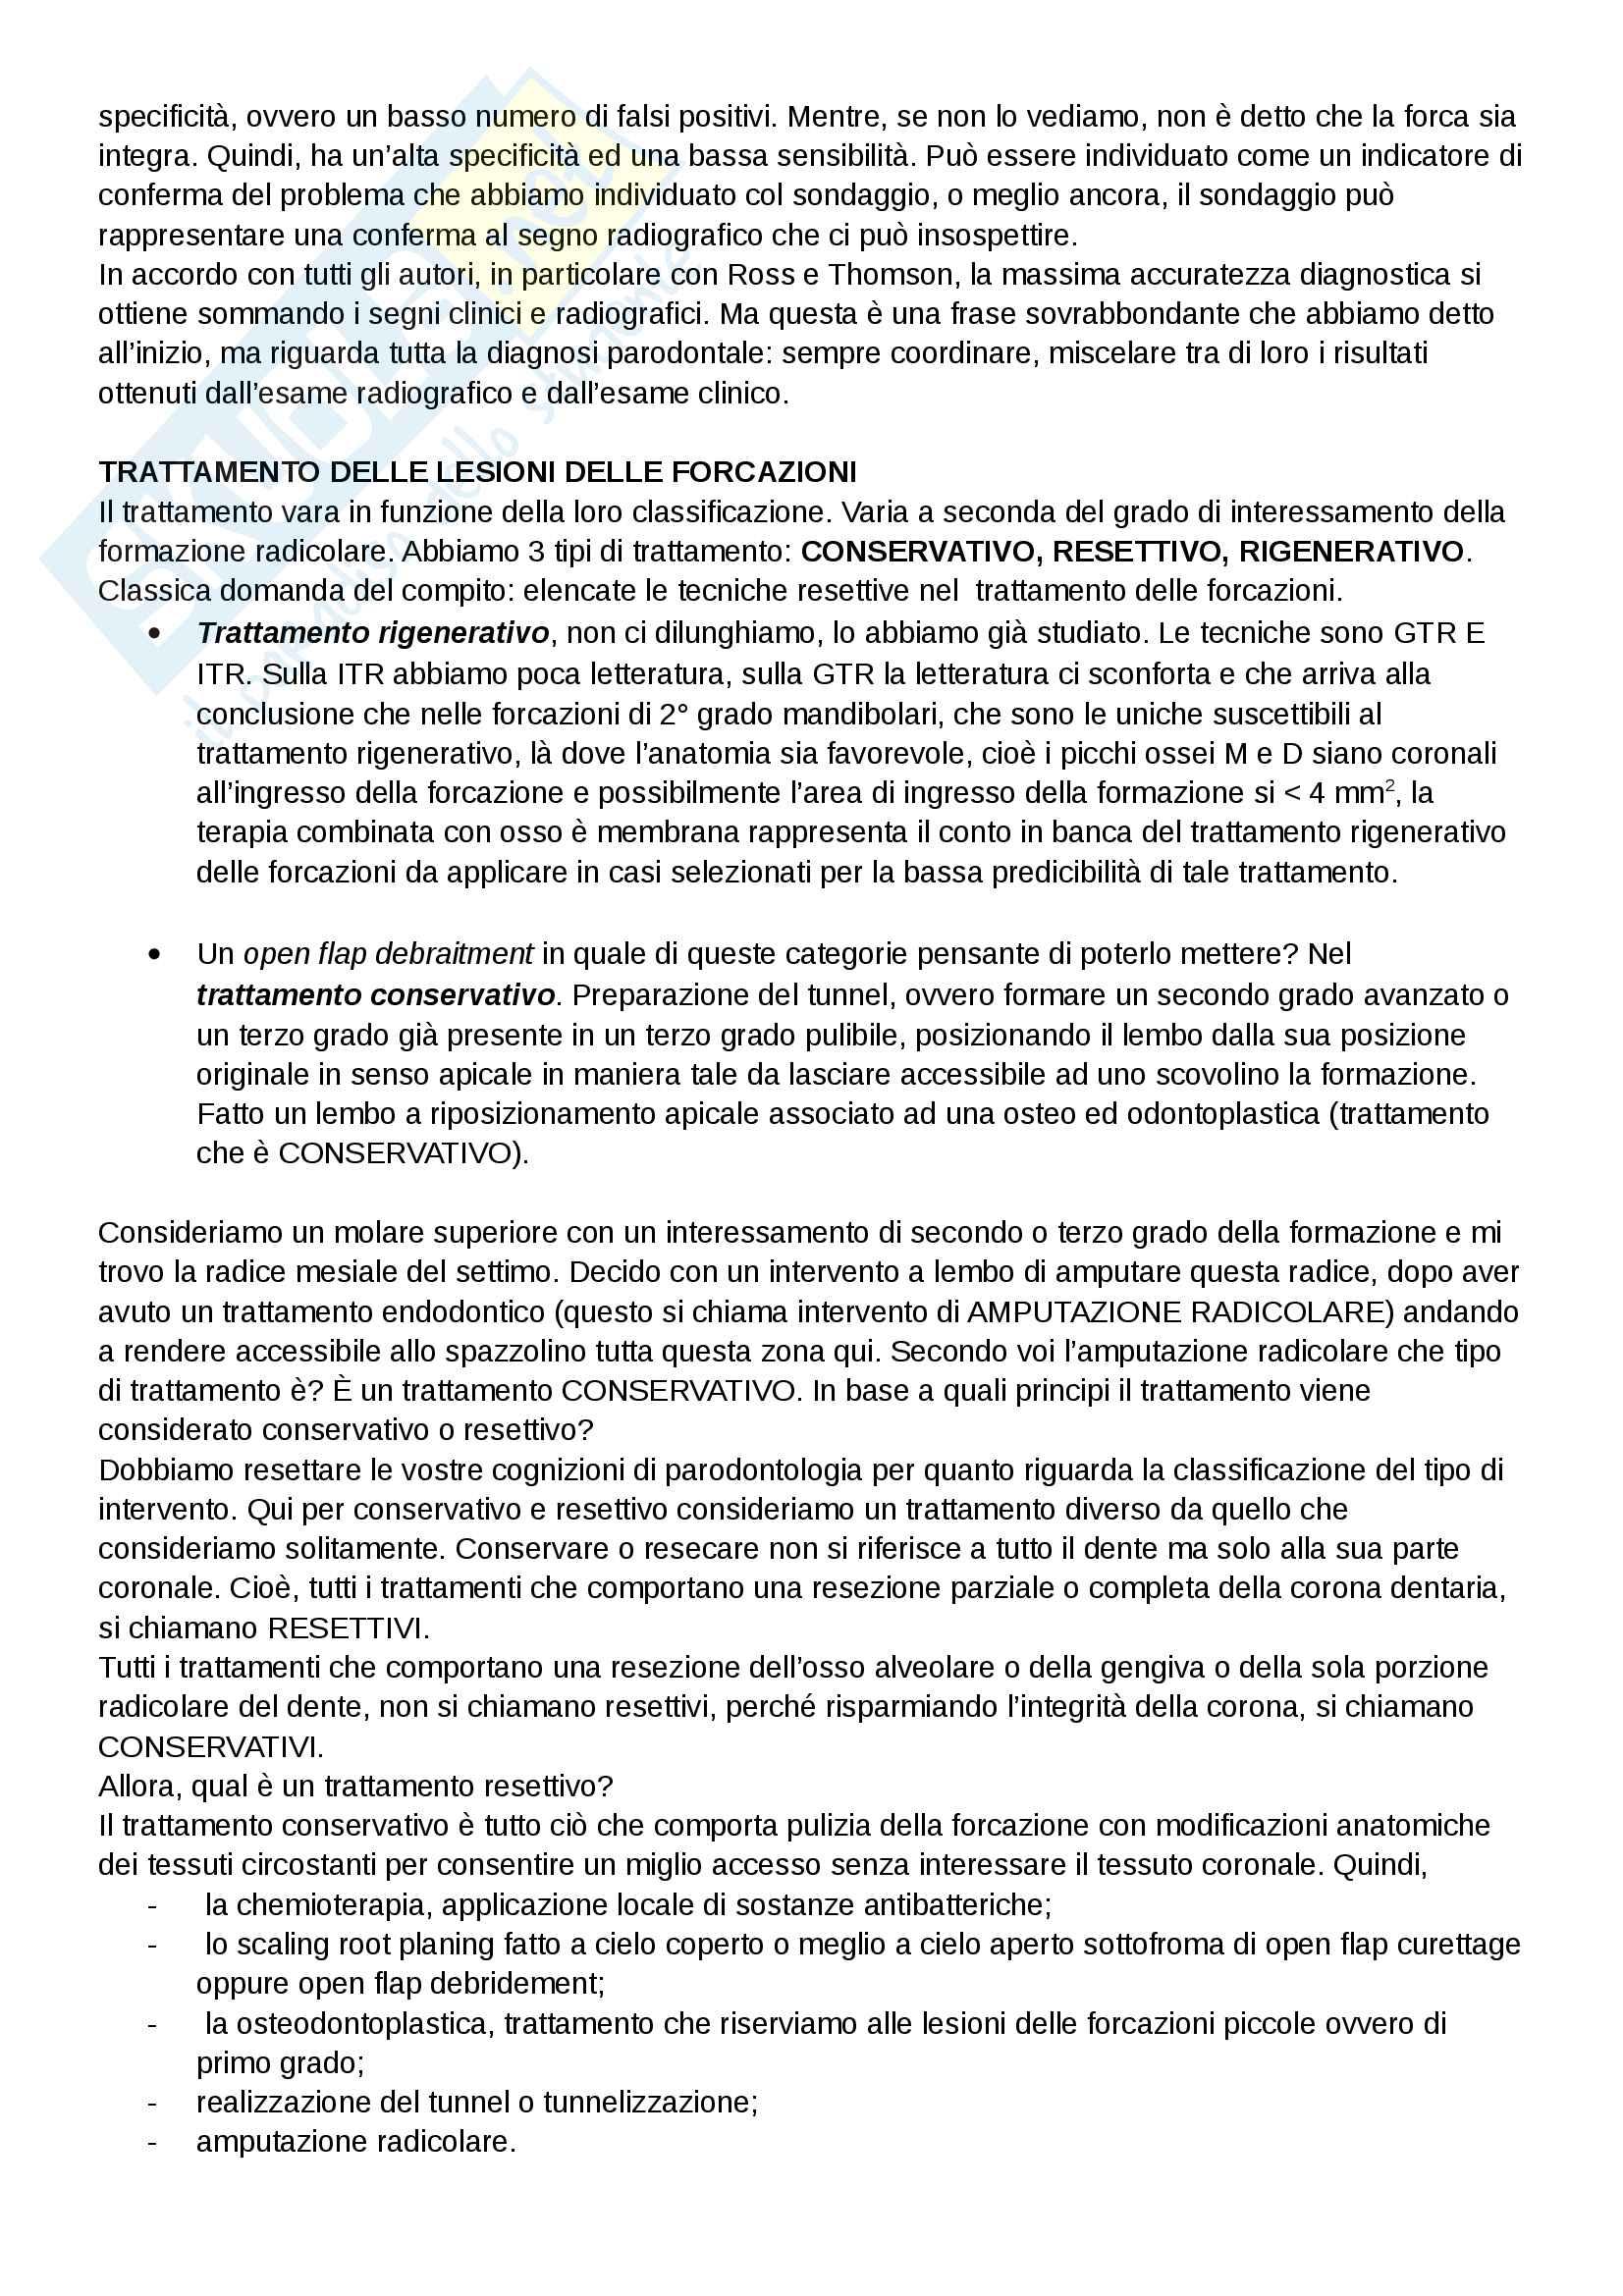 Lesioni delle forcazioni Pag. 2